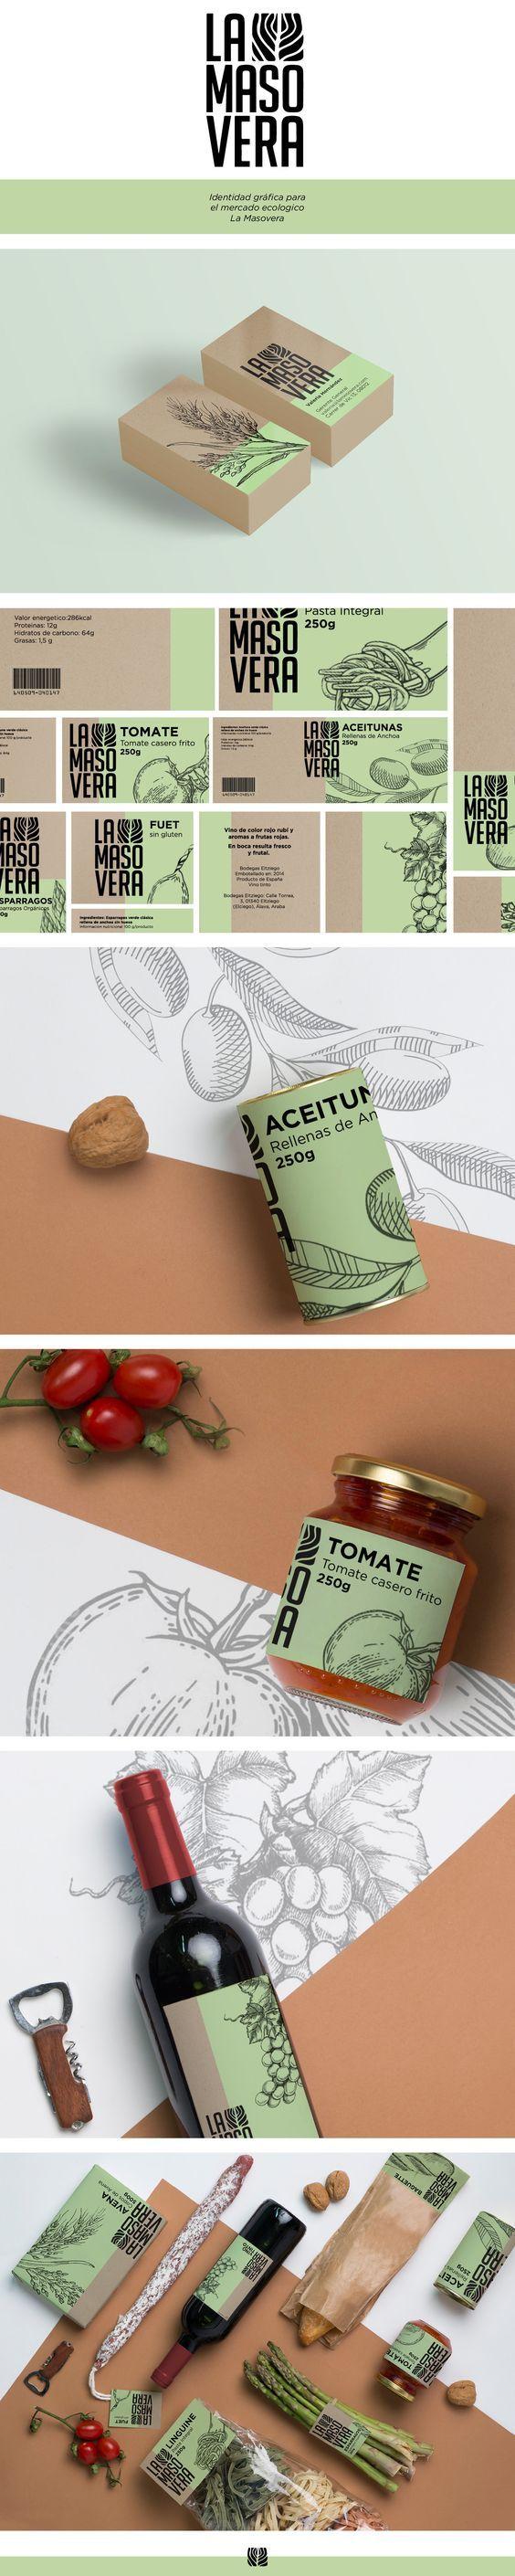 La Masovera Branding y empaquetado de alimentos por Valeria Hernandez |  Agencia de Branding Fivestar - Diseño y la Agencia de Branding & Inspiration Gallery Curada